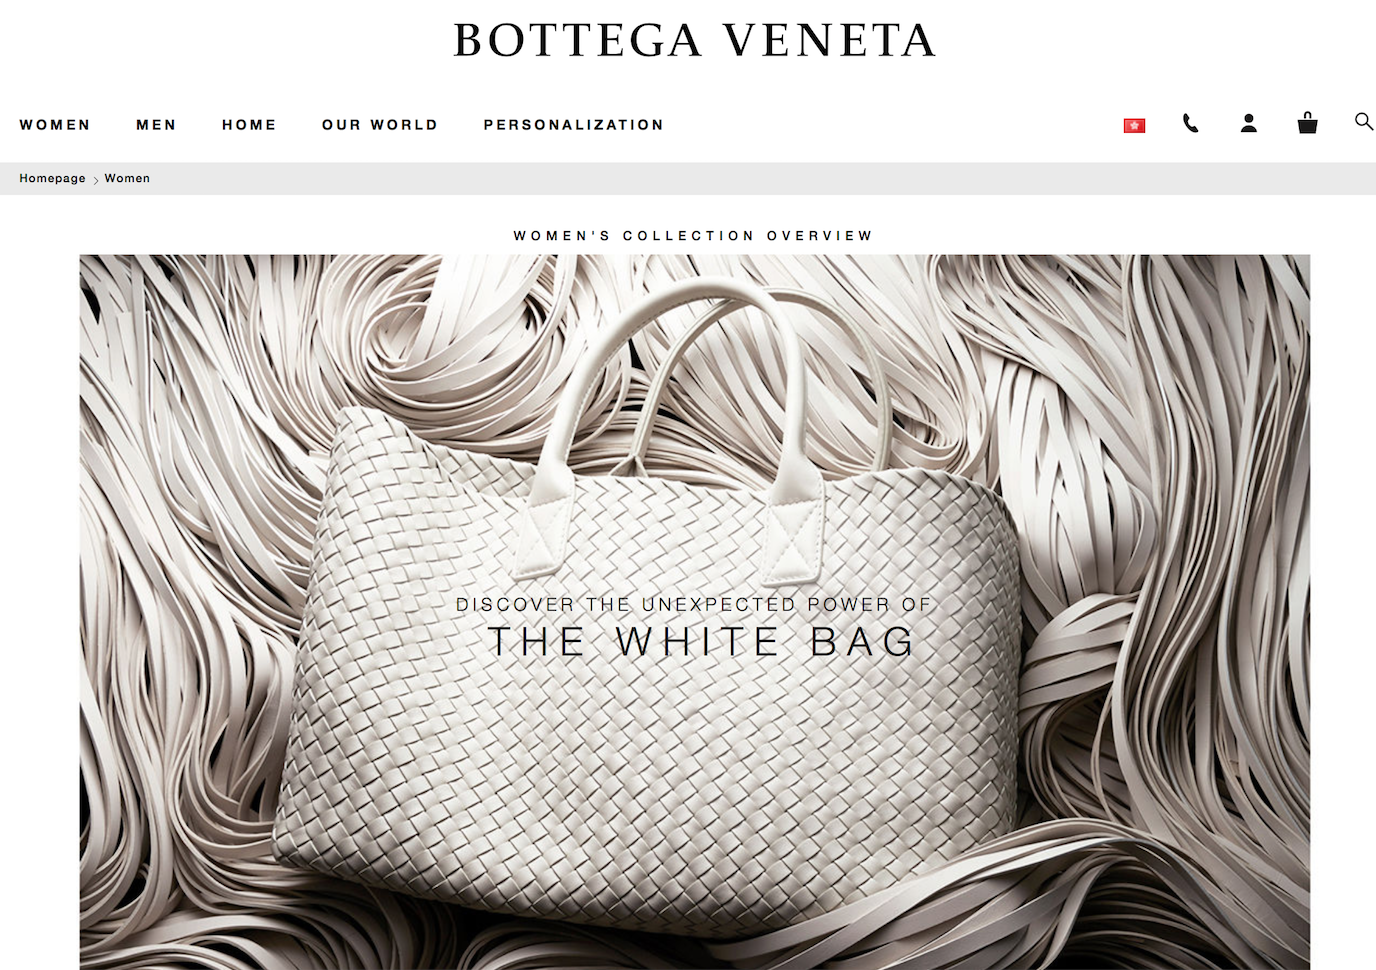 """Bottega Veneta 首席执行官称:未来的皮具将是零动物成分的""""纯素""""商品"""